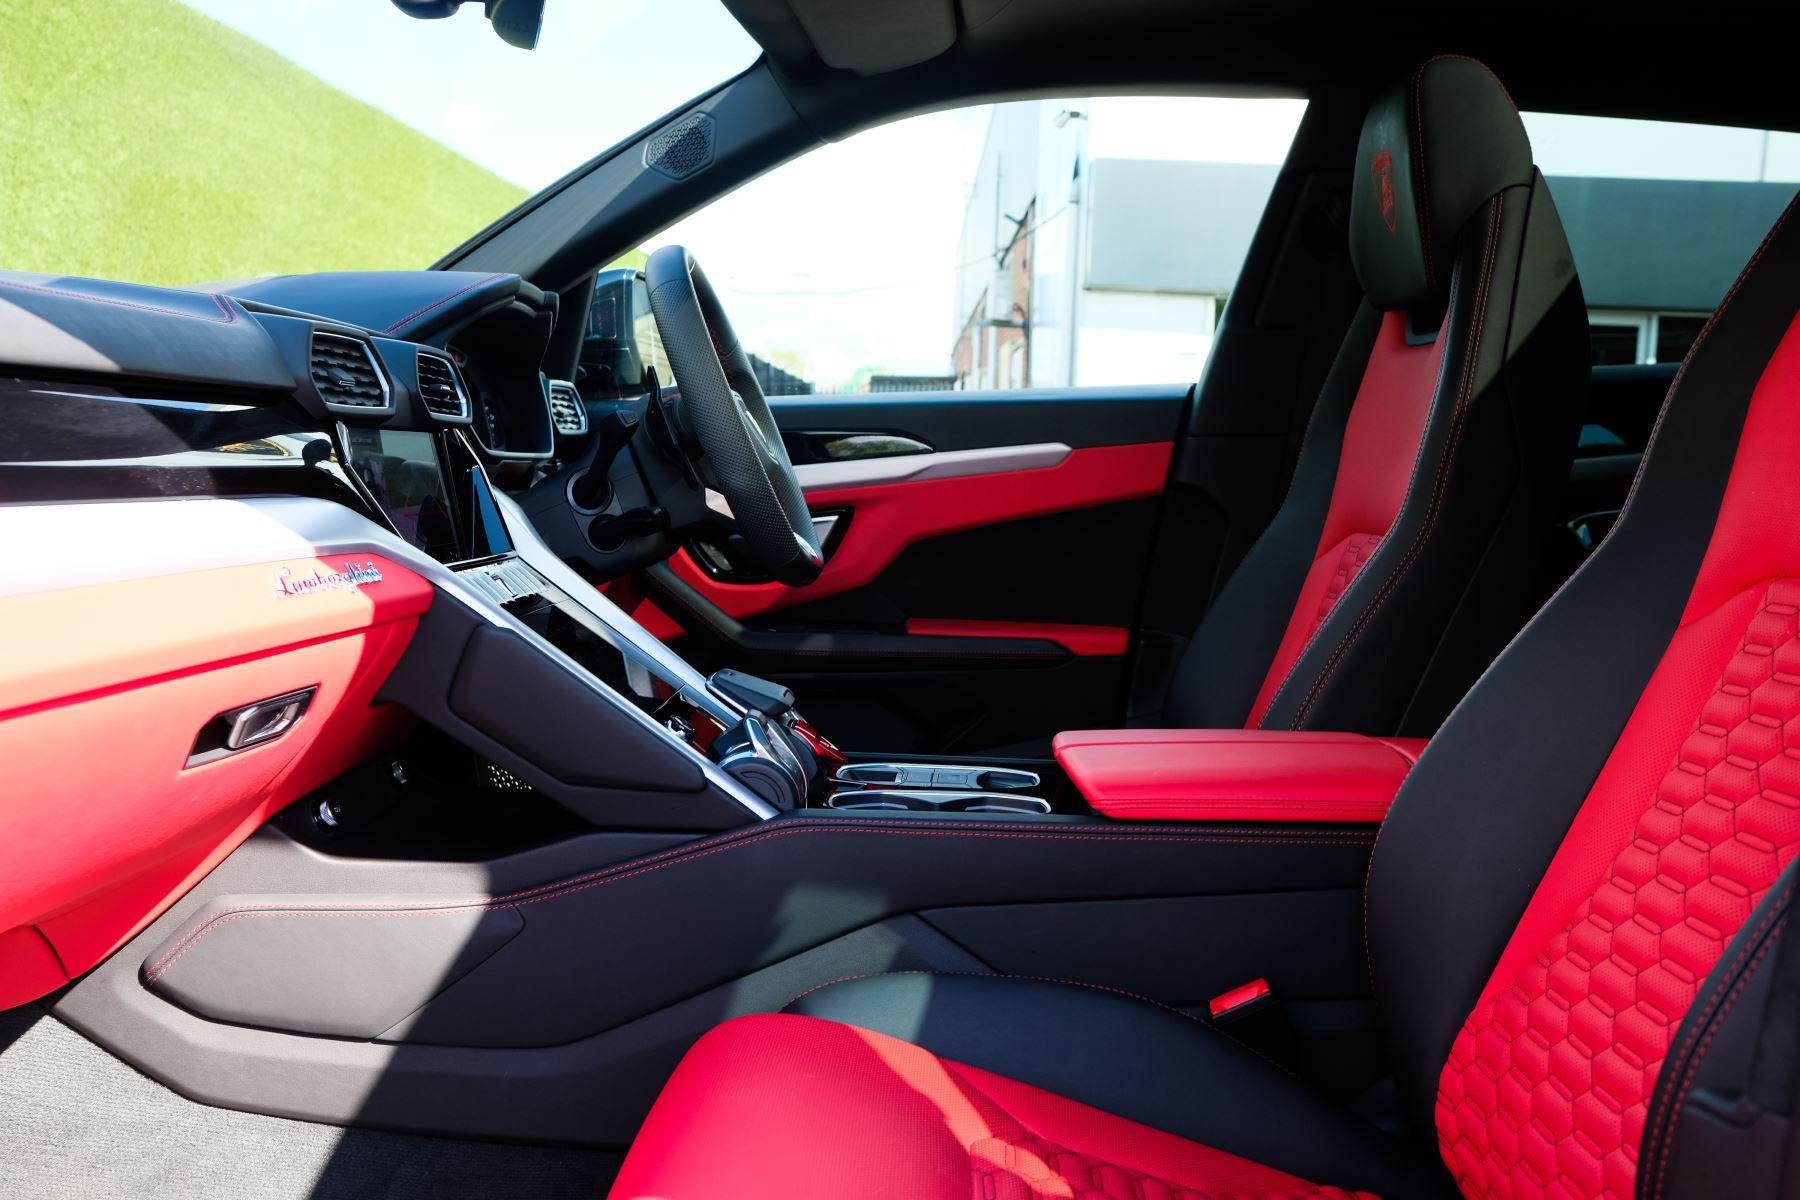 Lamborghini Urus 4.0T FSI V8 AUTO- 4 SEAT CONFIGURATION - NIGHT VISION - 23 INCH ALLOYS image 8